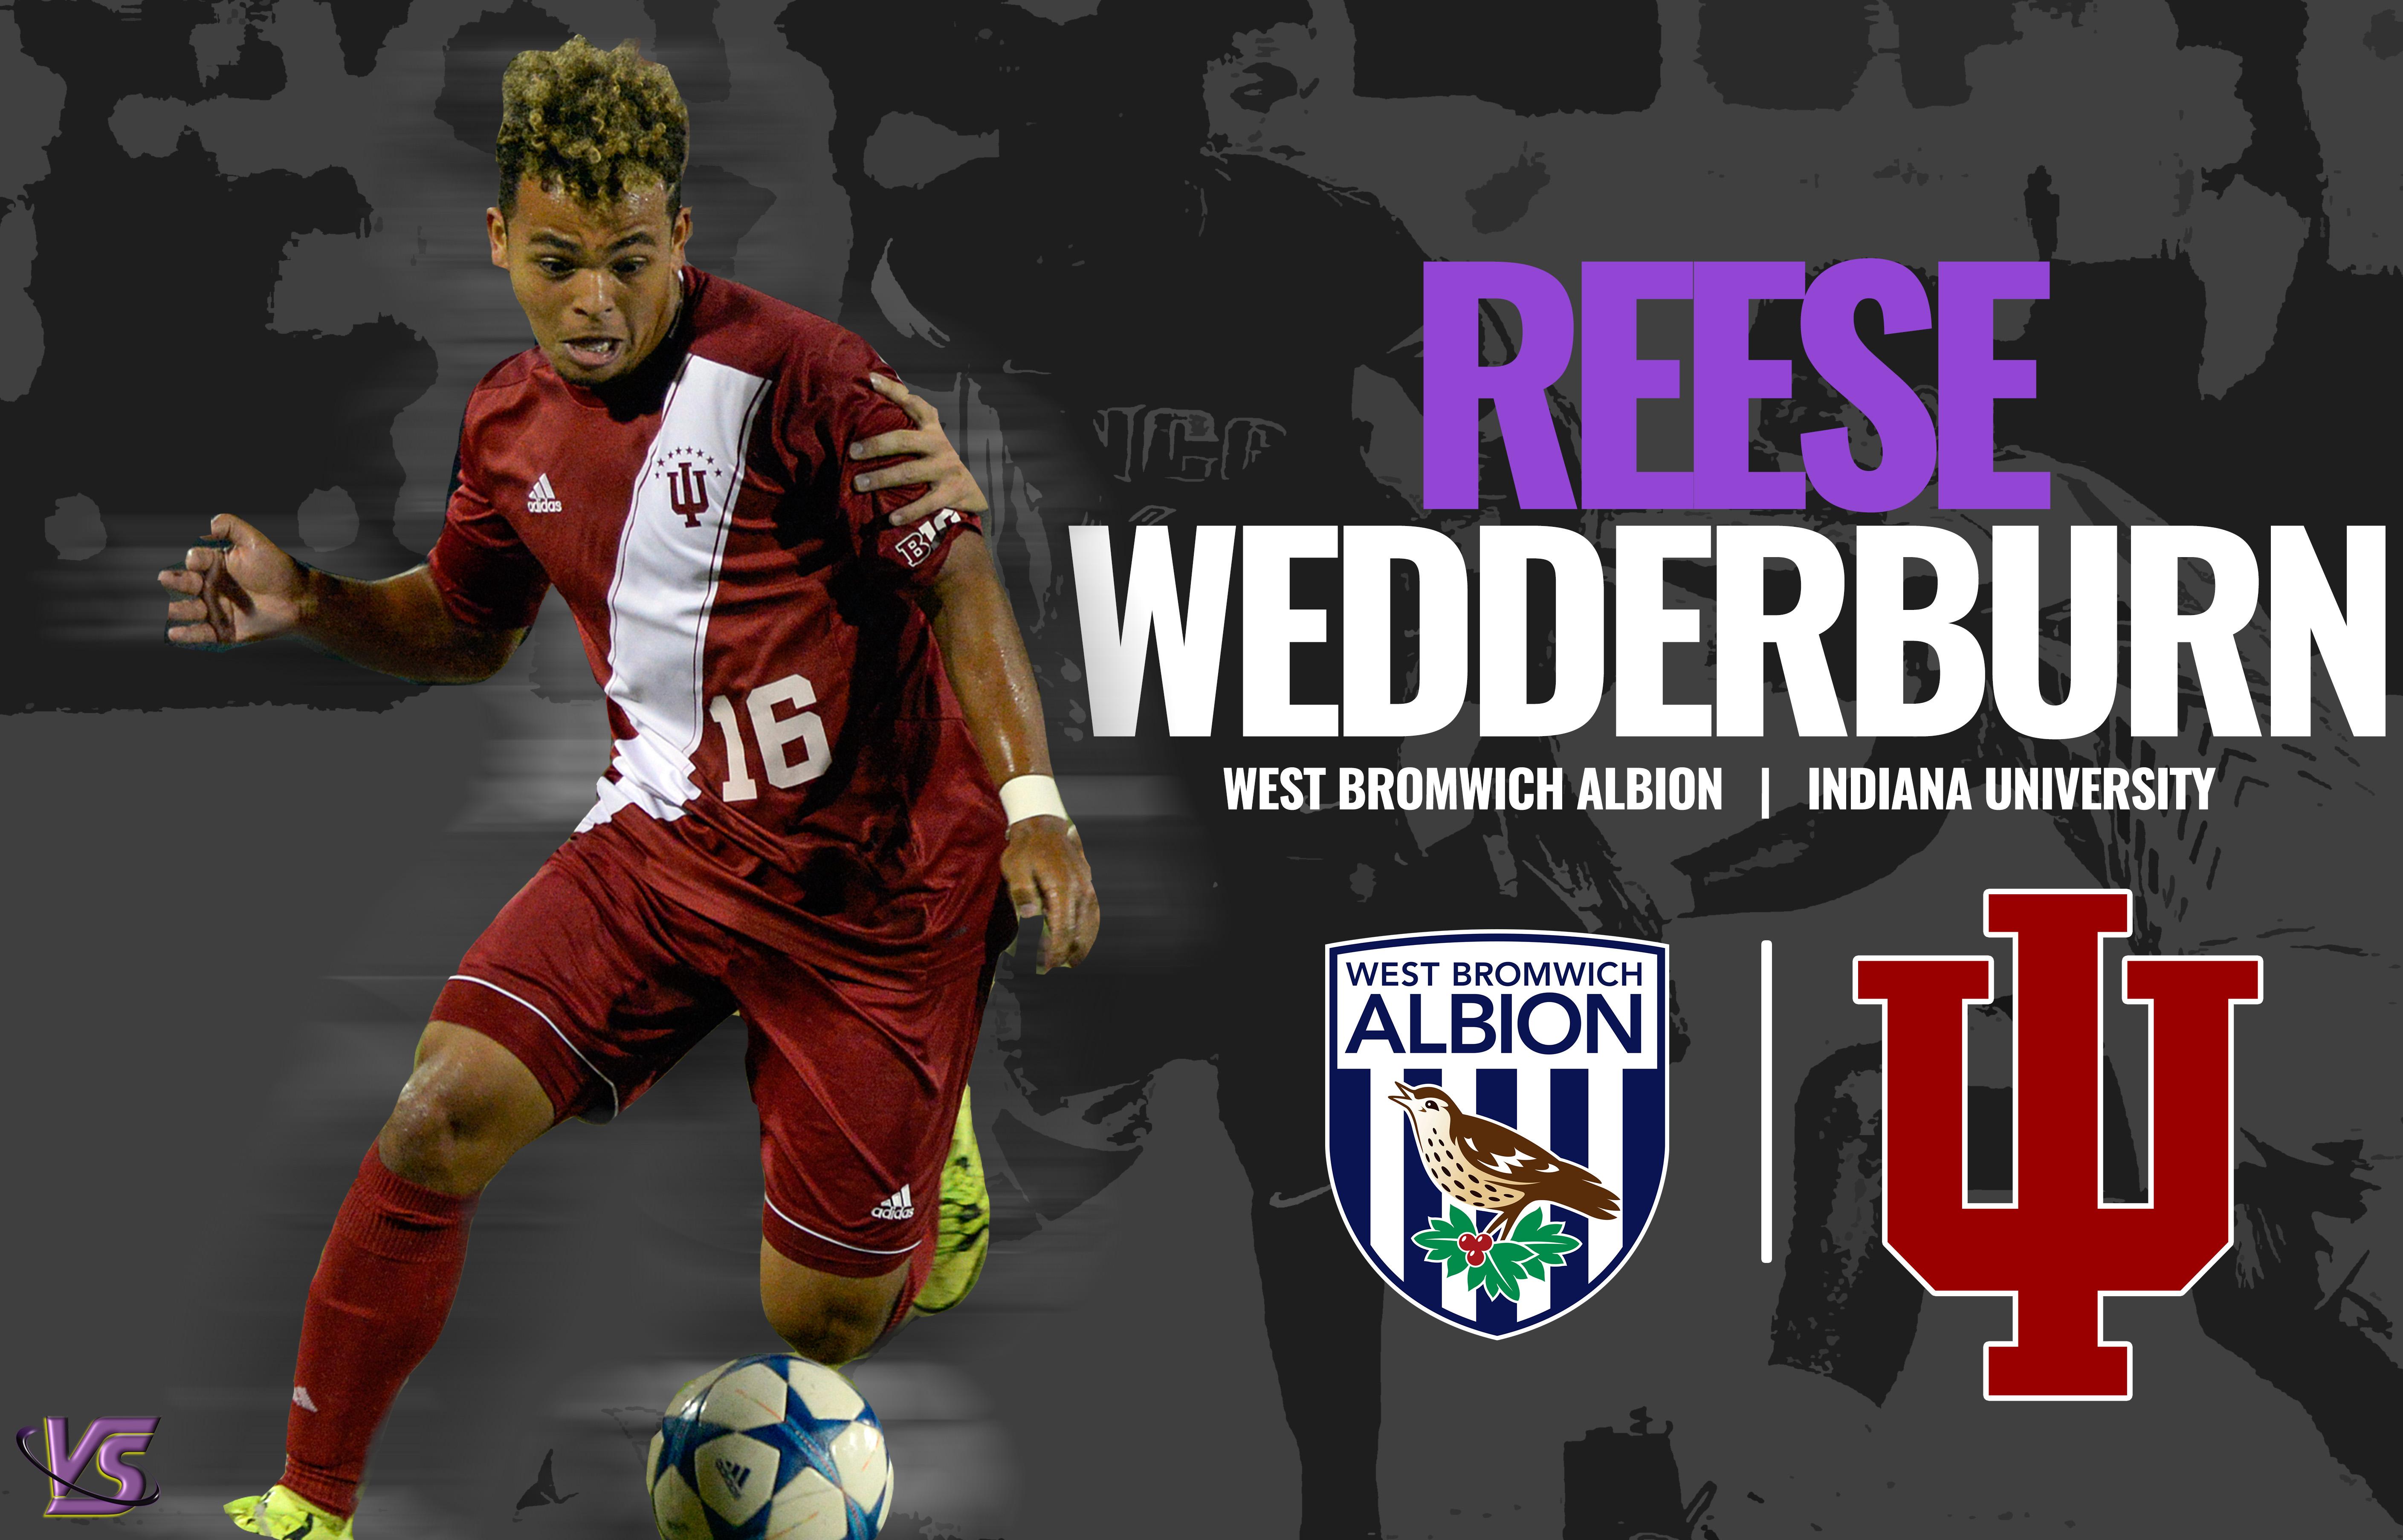 Reese Wedderburn 2016